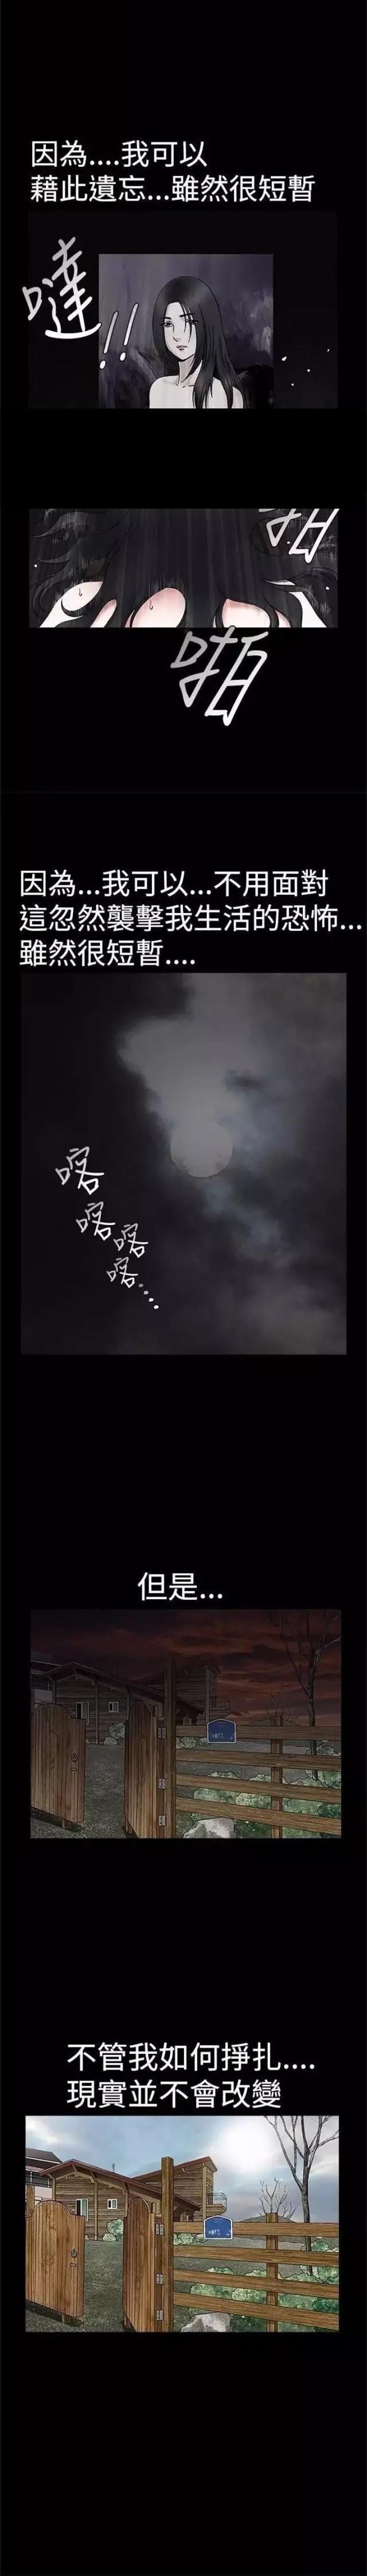 恋爱韩漫:我们仨 第28-30话 -天狐阅读